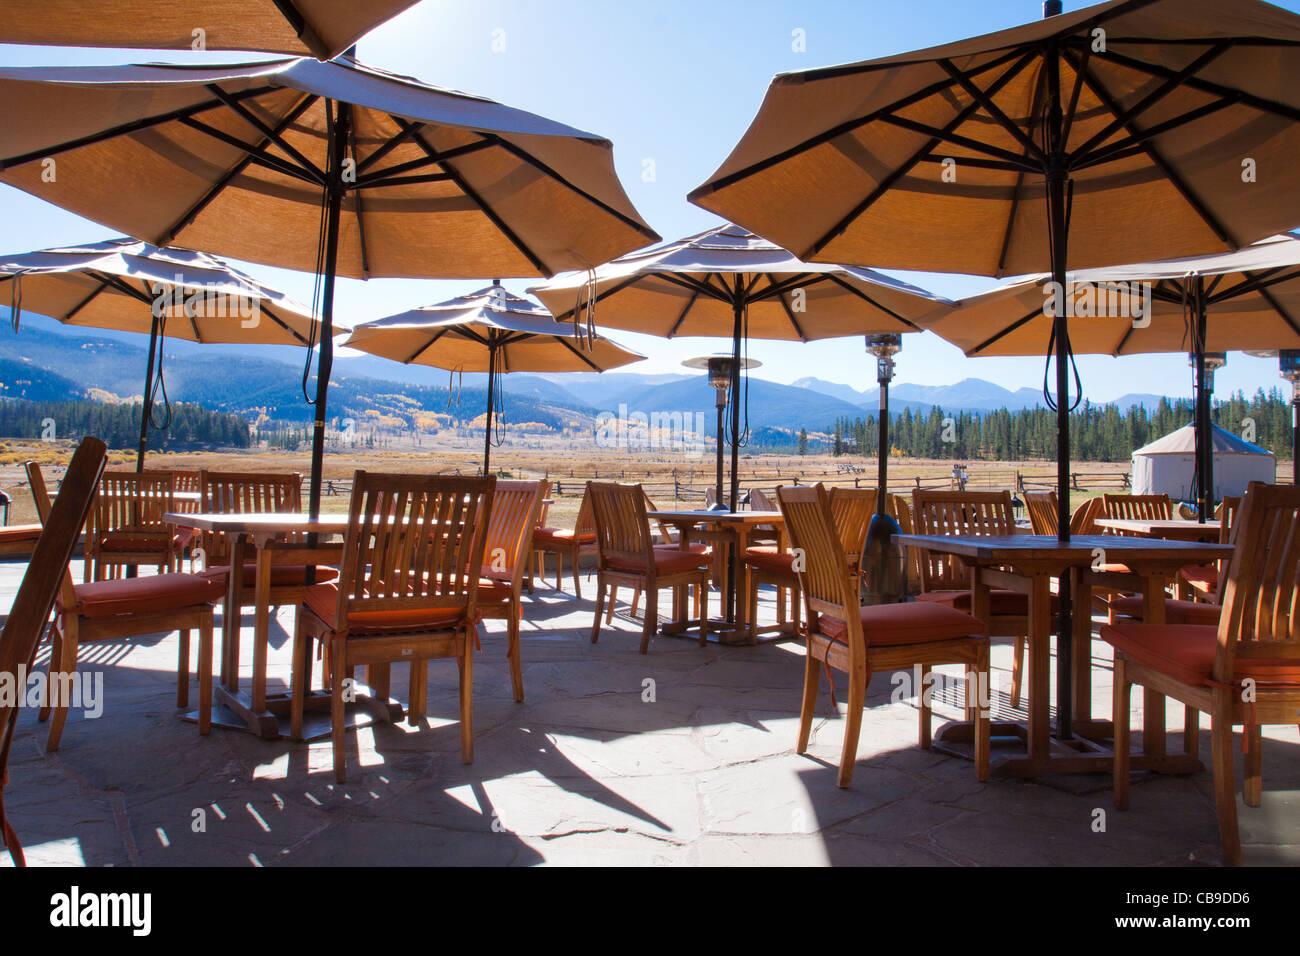 Schirme über Terrasse Essbereich in einem Mountain Resort Lodge mit malerischen Blick auf die Bergkette in Stockbild